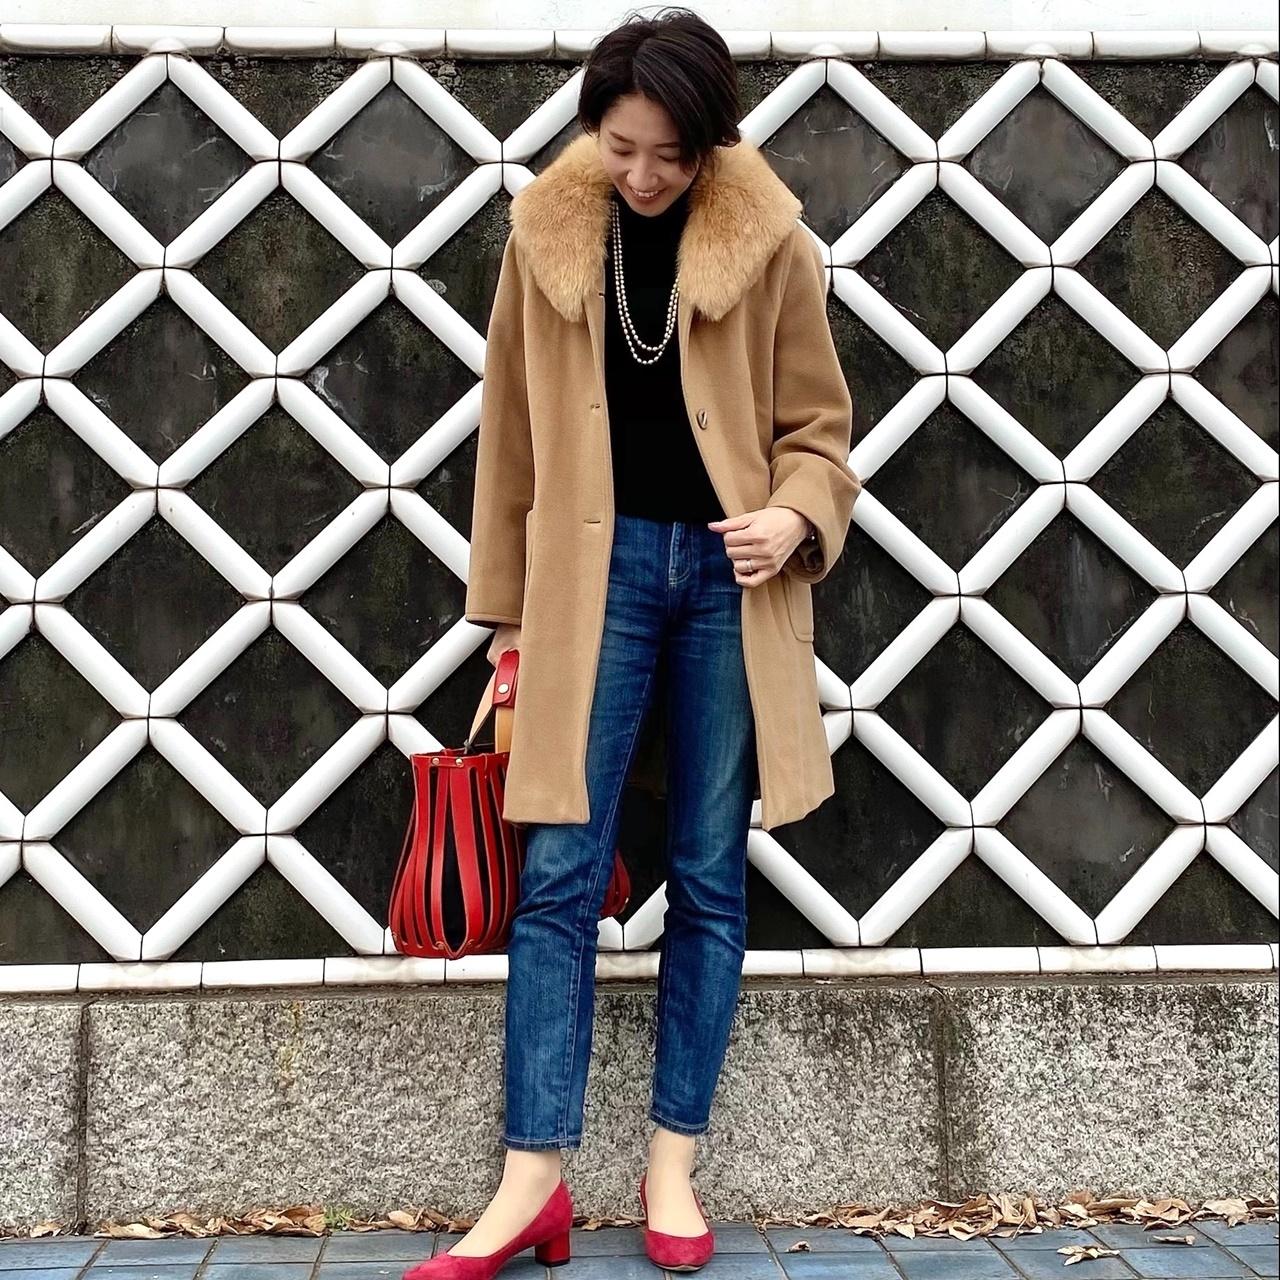 カジュアルな服装にファー付きコートの組み合わせ